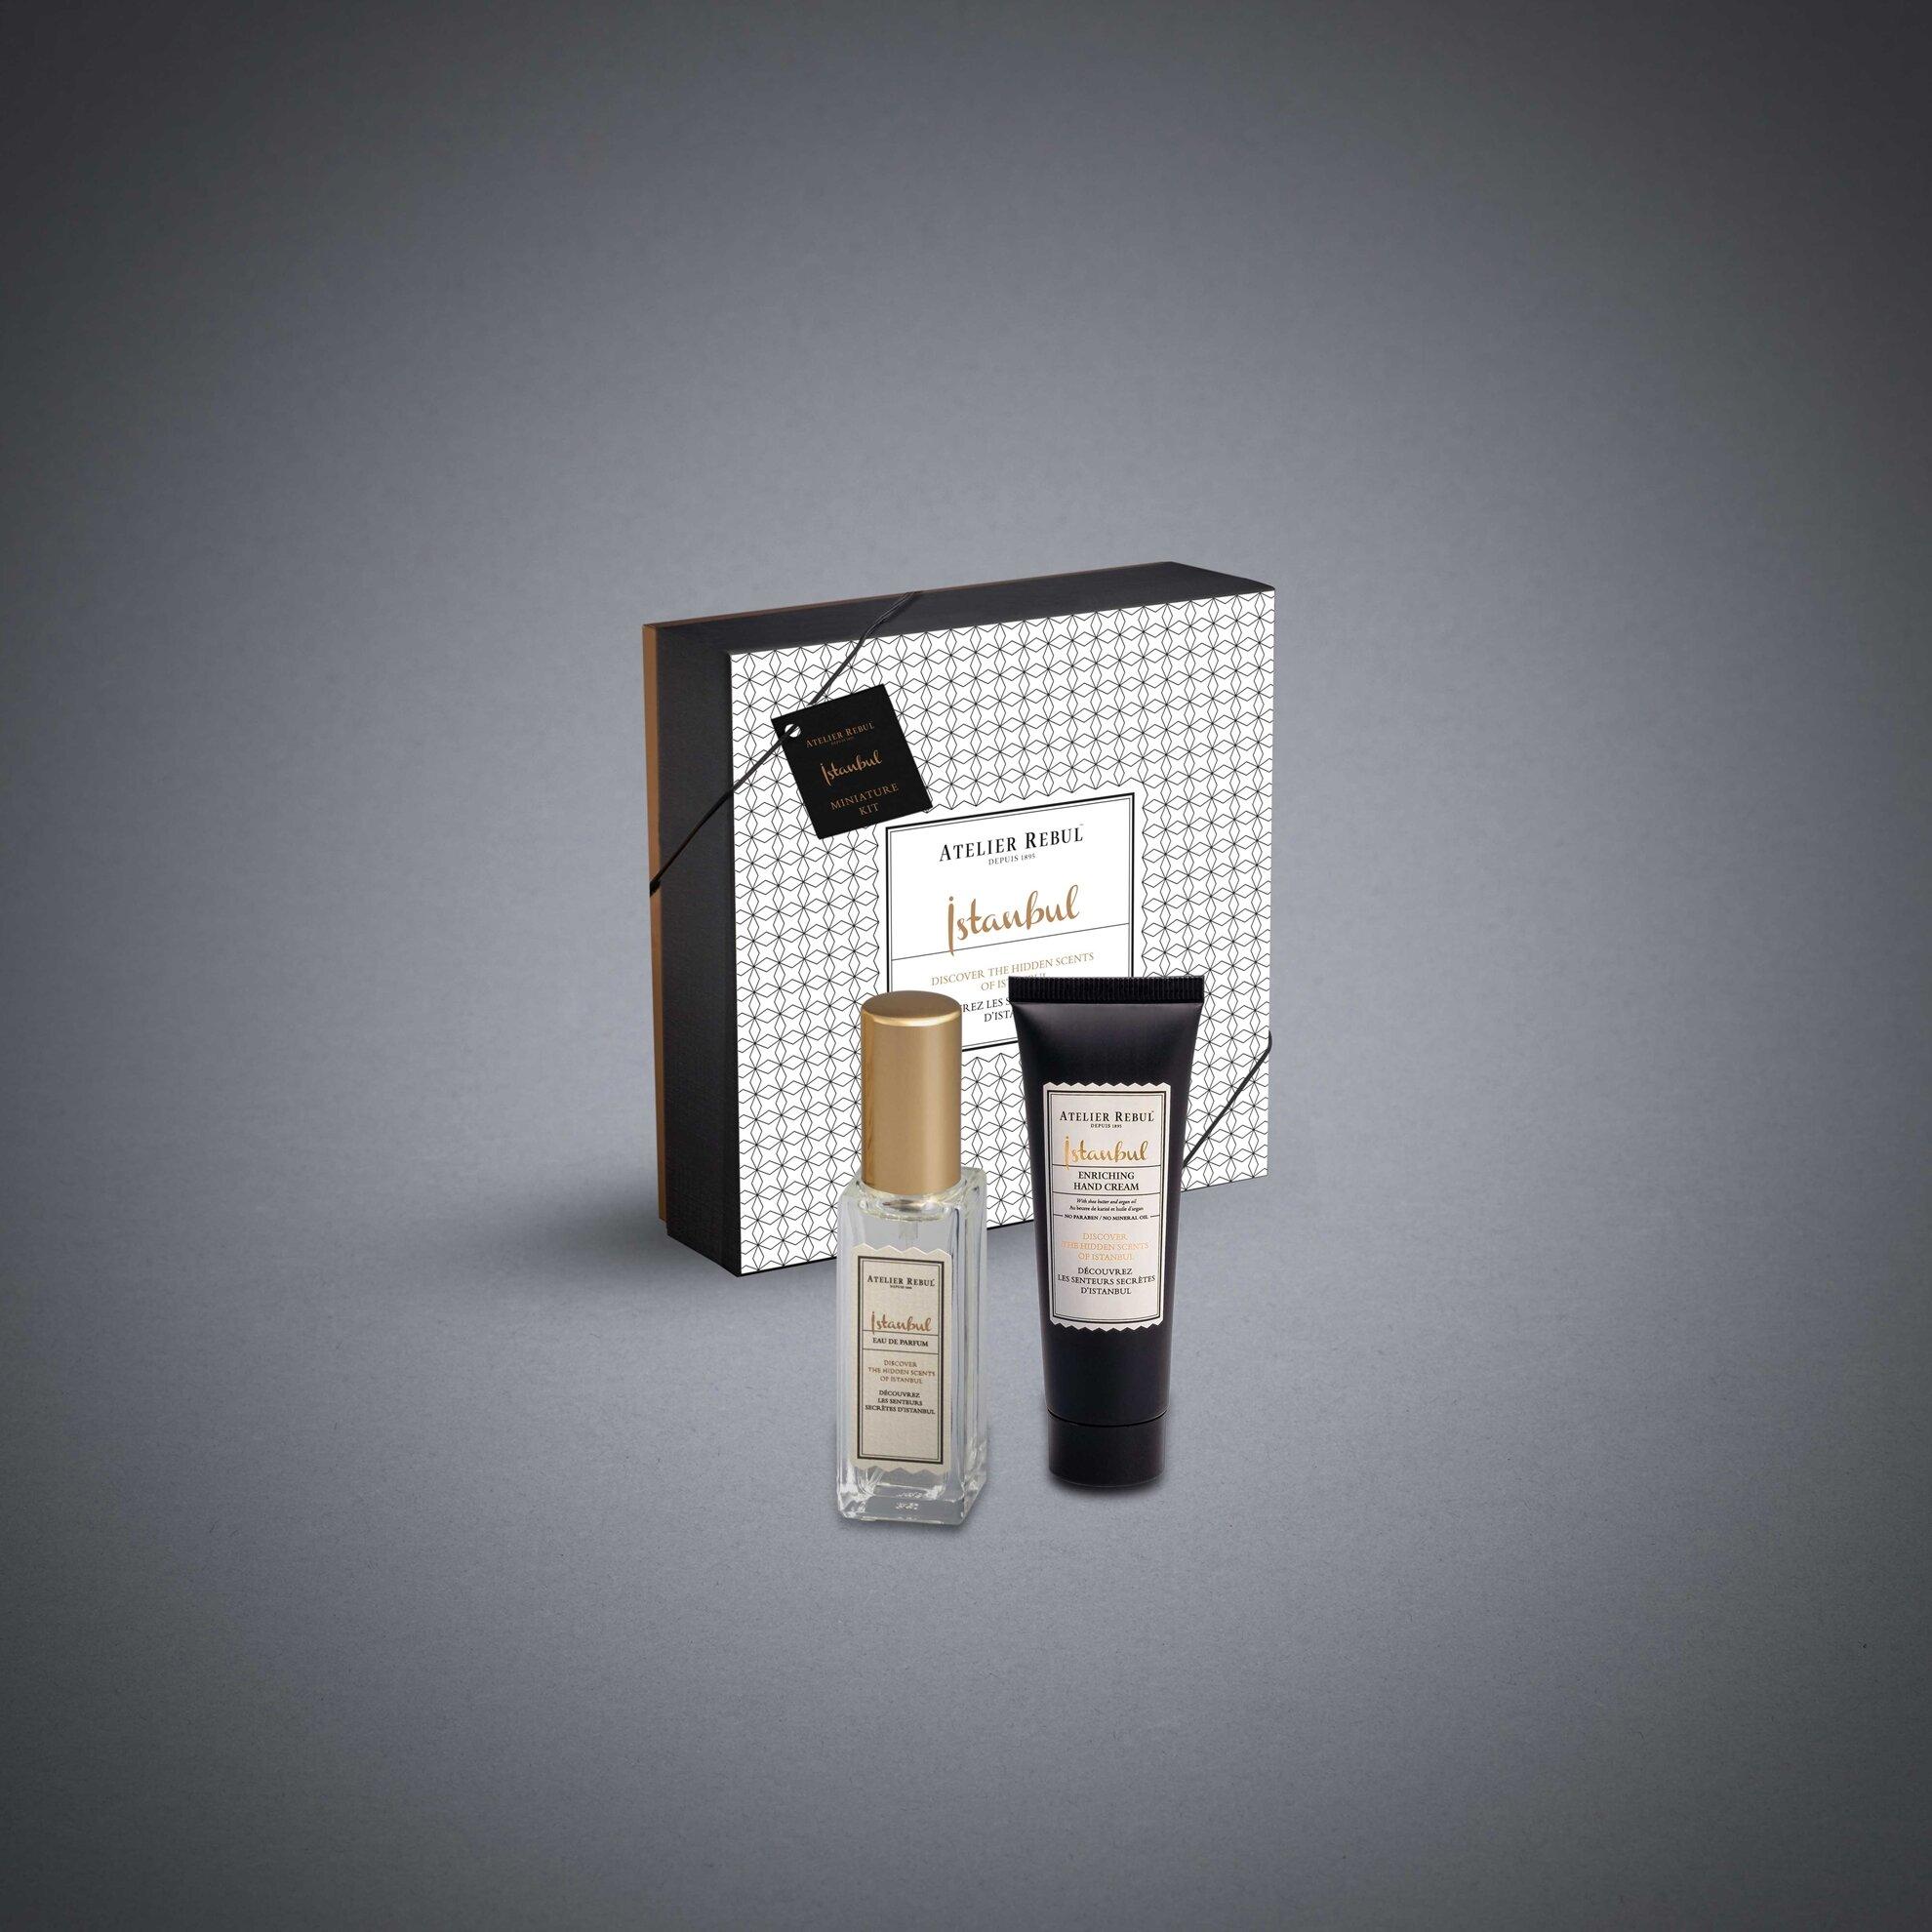 Istanbul Miniature Perfume Kit